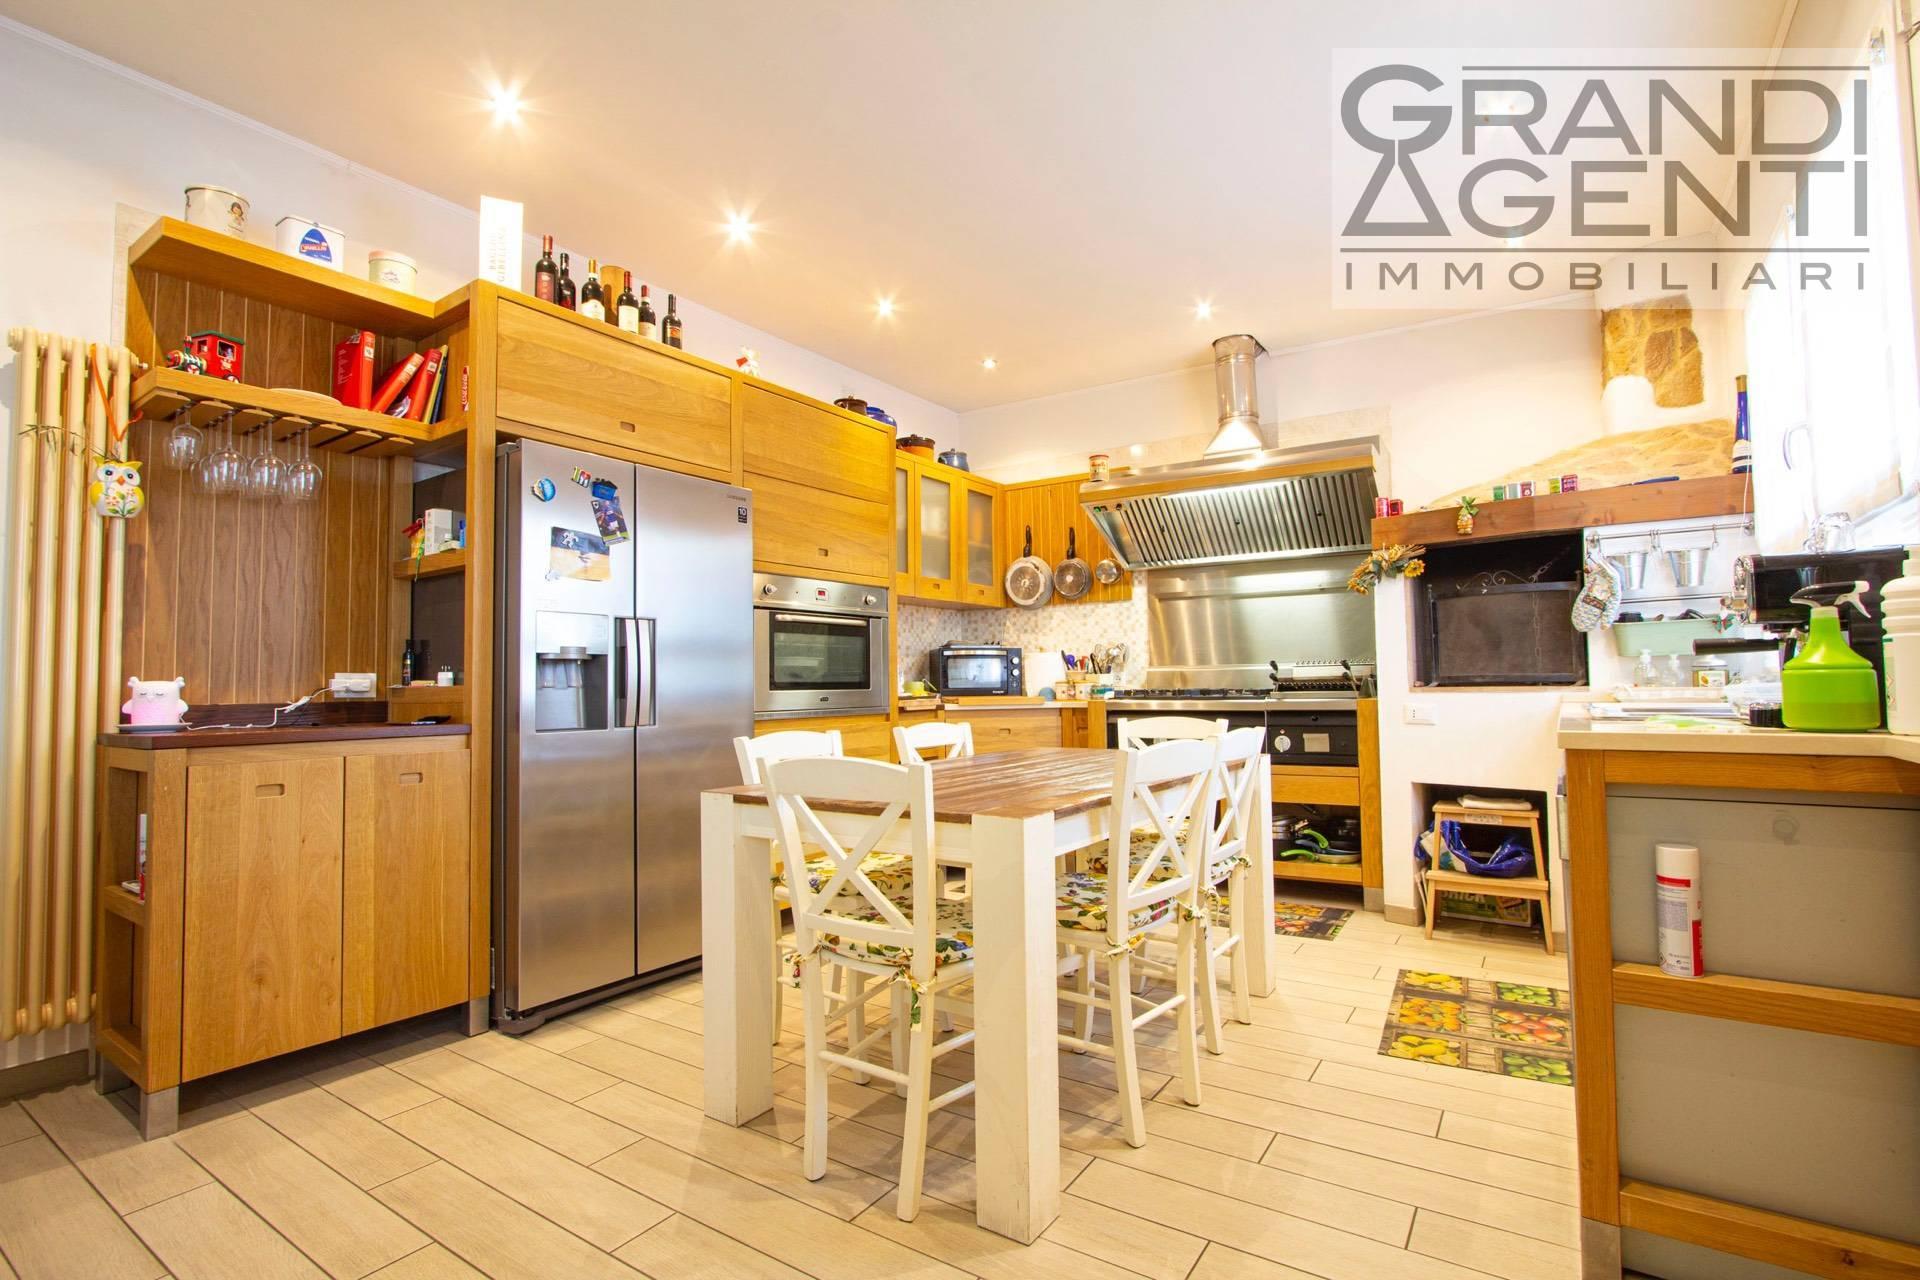 Appartamento in vendita a San Giovanni Lupatoto, 3 locali, prezzo € 215.000 | PortaleAgenzieImmobiliari.it